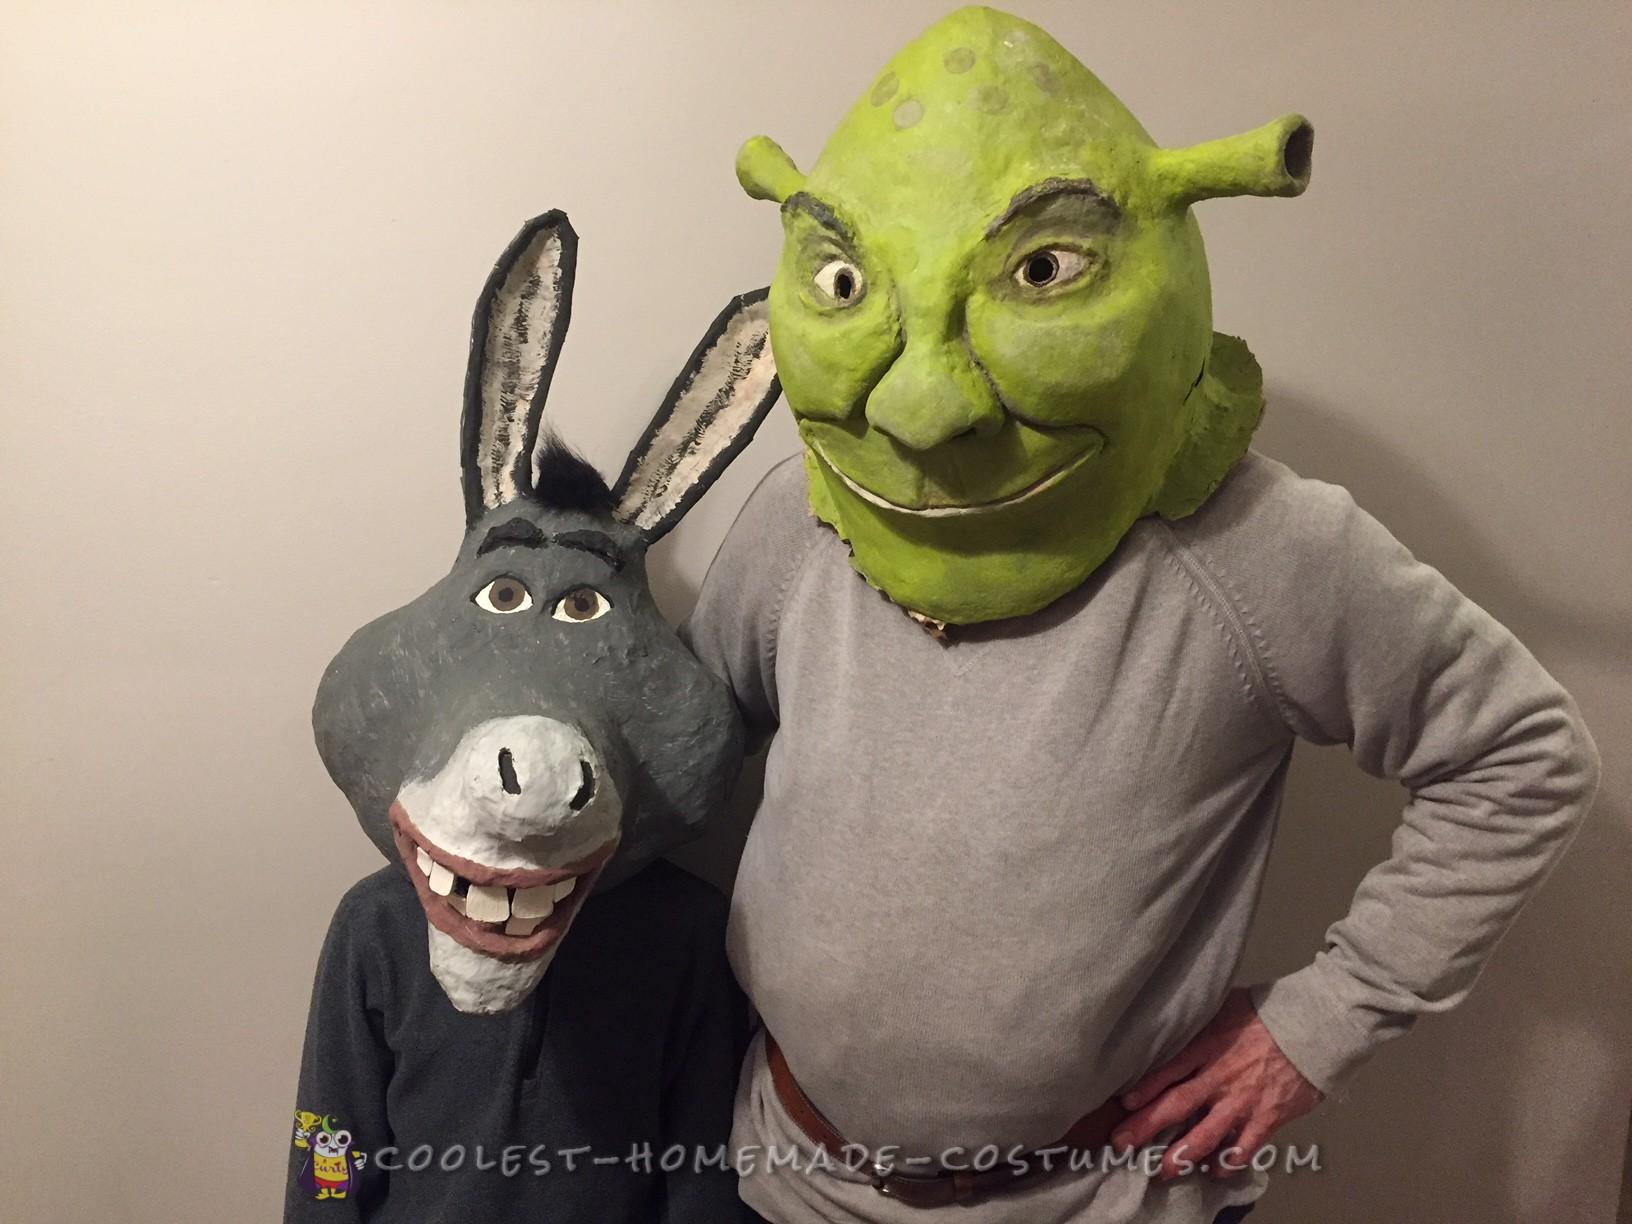 Shrek & Donkey - 9 Years in the Making